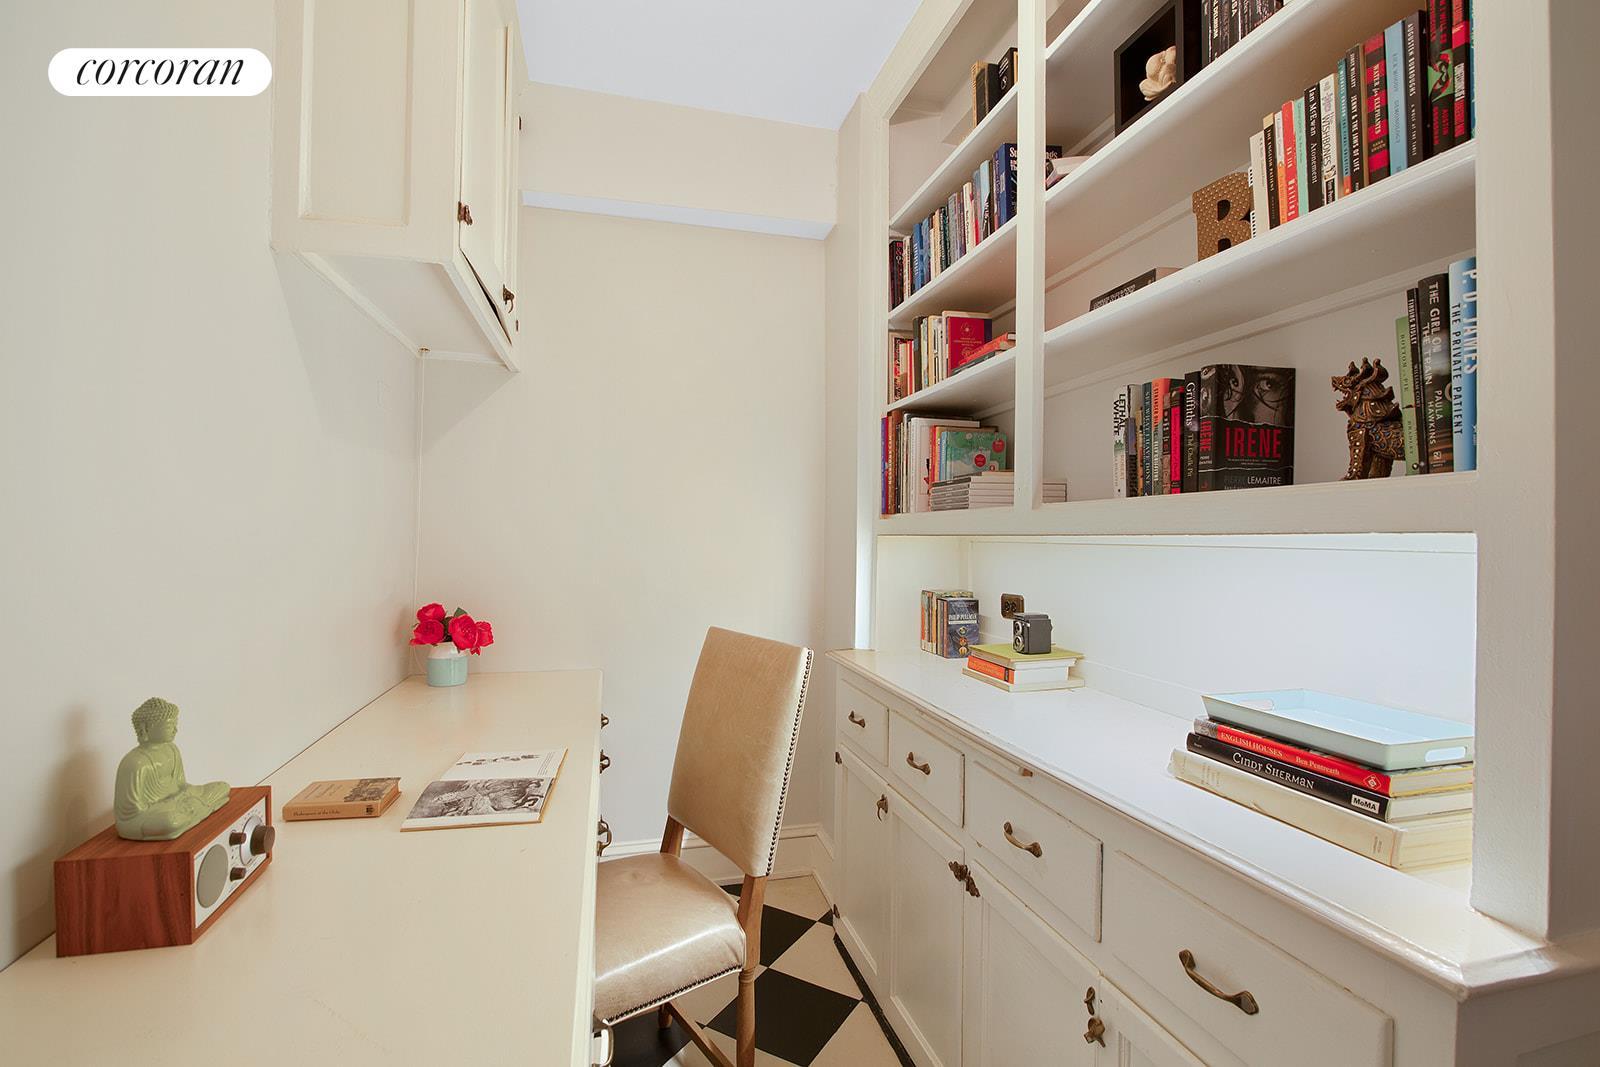 Apartment for sale at 9 Prospect Park West, Apt 2C